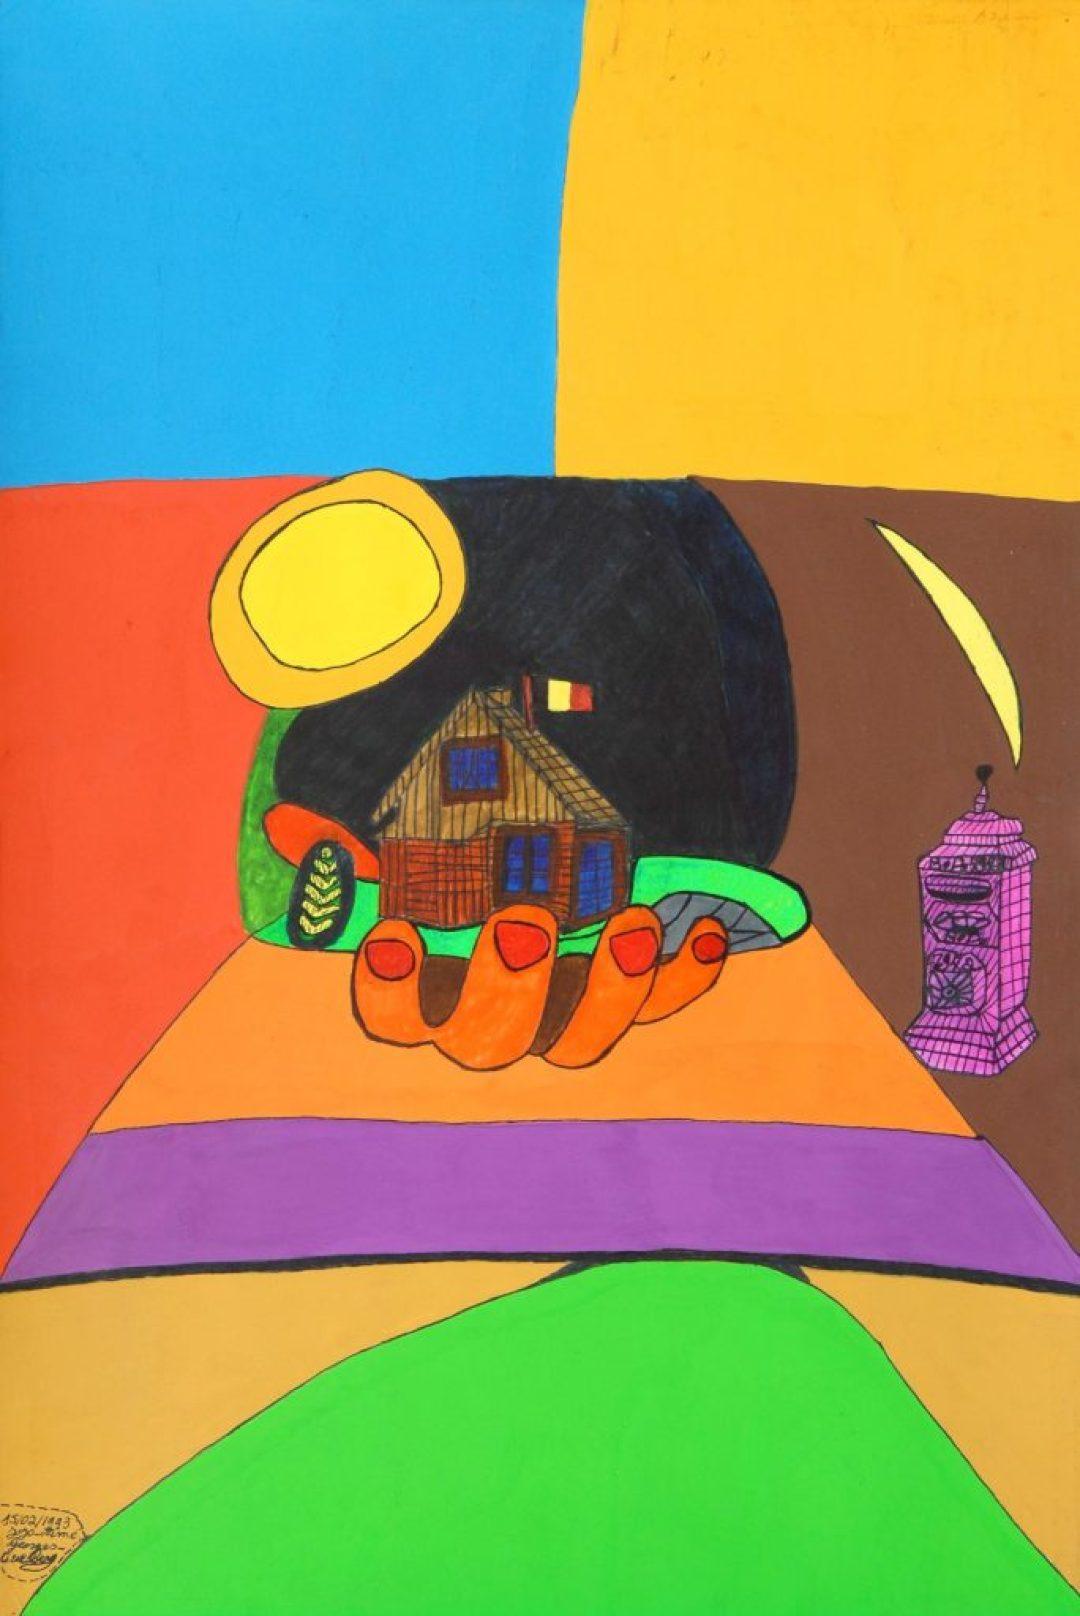 Georges Duesberg (Jojo Aimé), sans titre, 1994, gouache sur papier, 73 x 55 cm